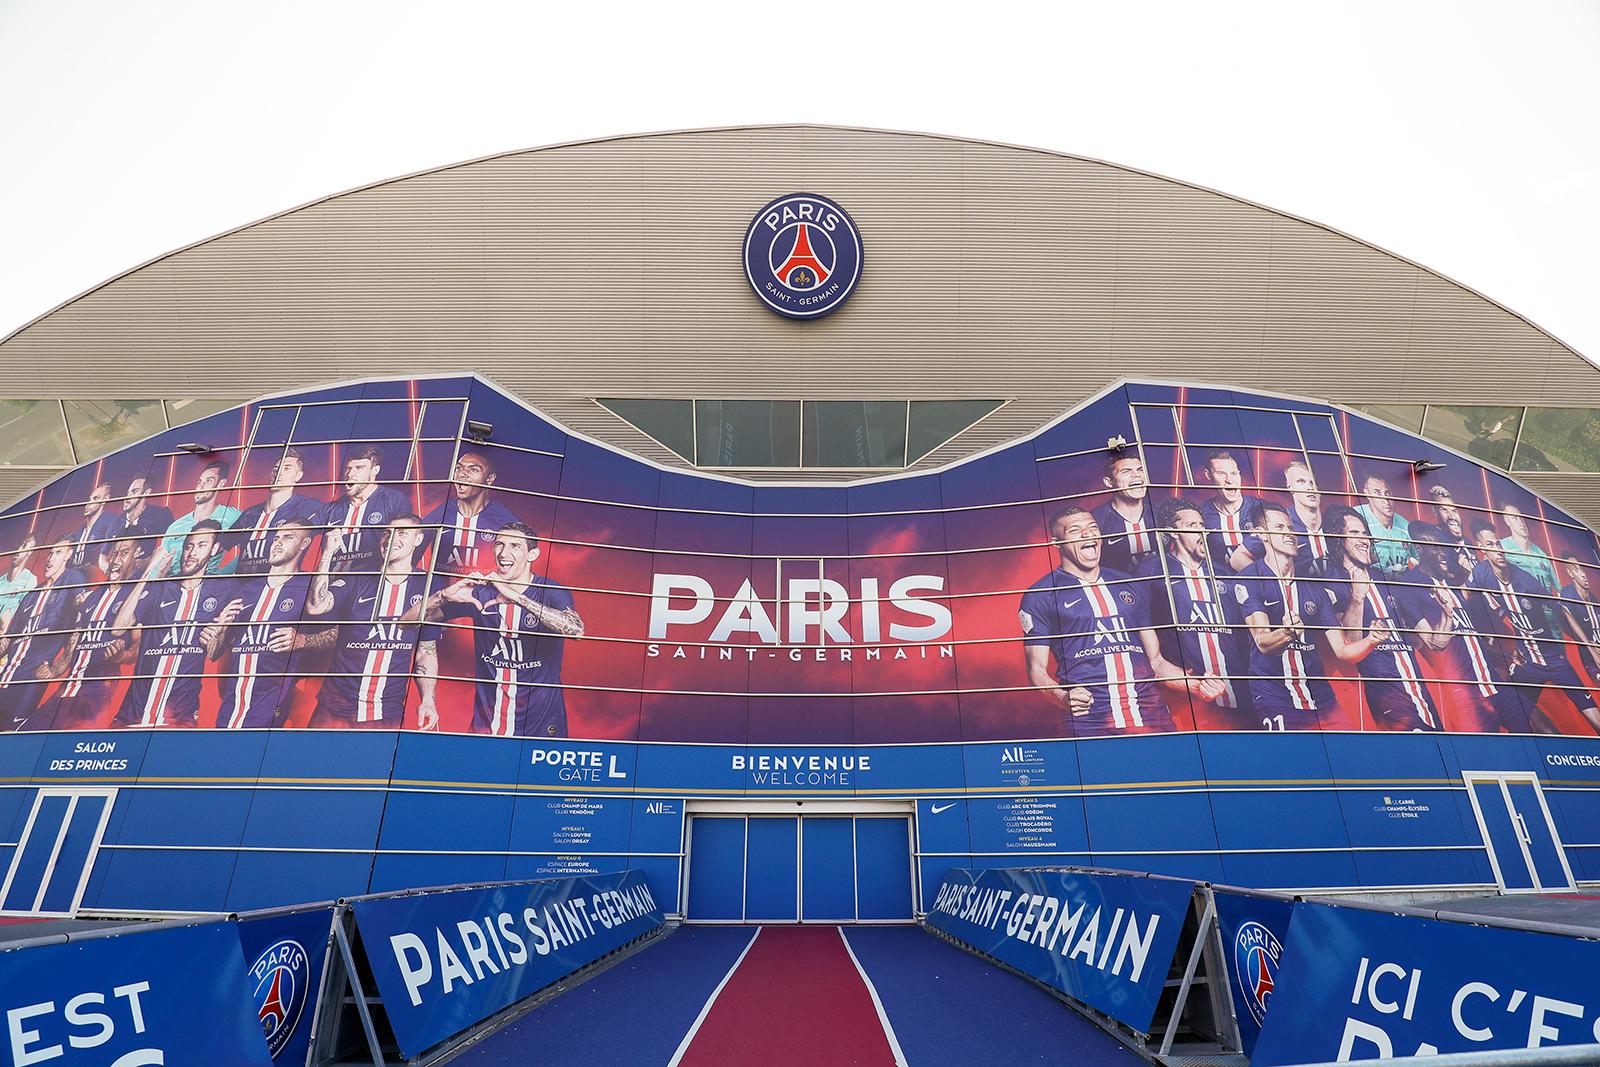 A general view of the Parc des Princes, home of Paris Saint-Germain, on Friday, April 24, in Paris.